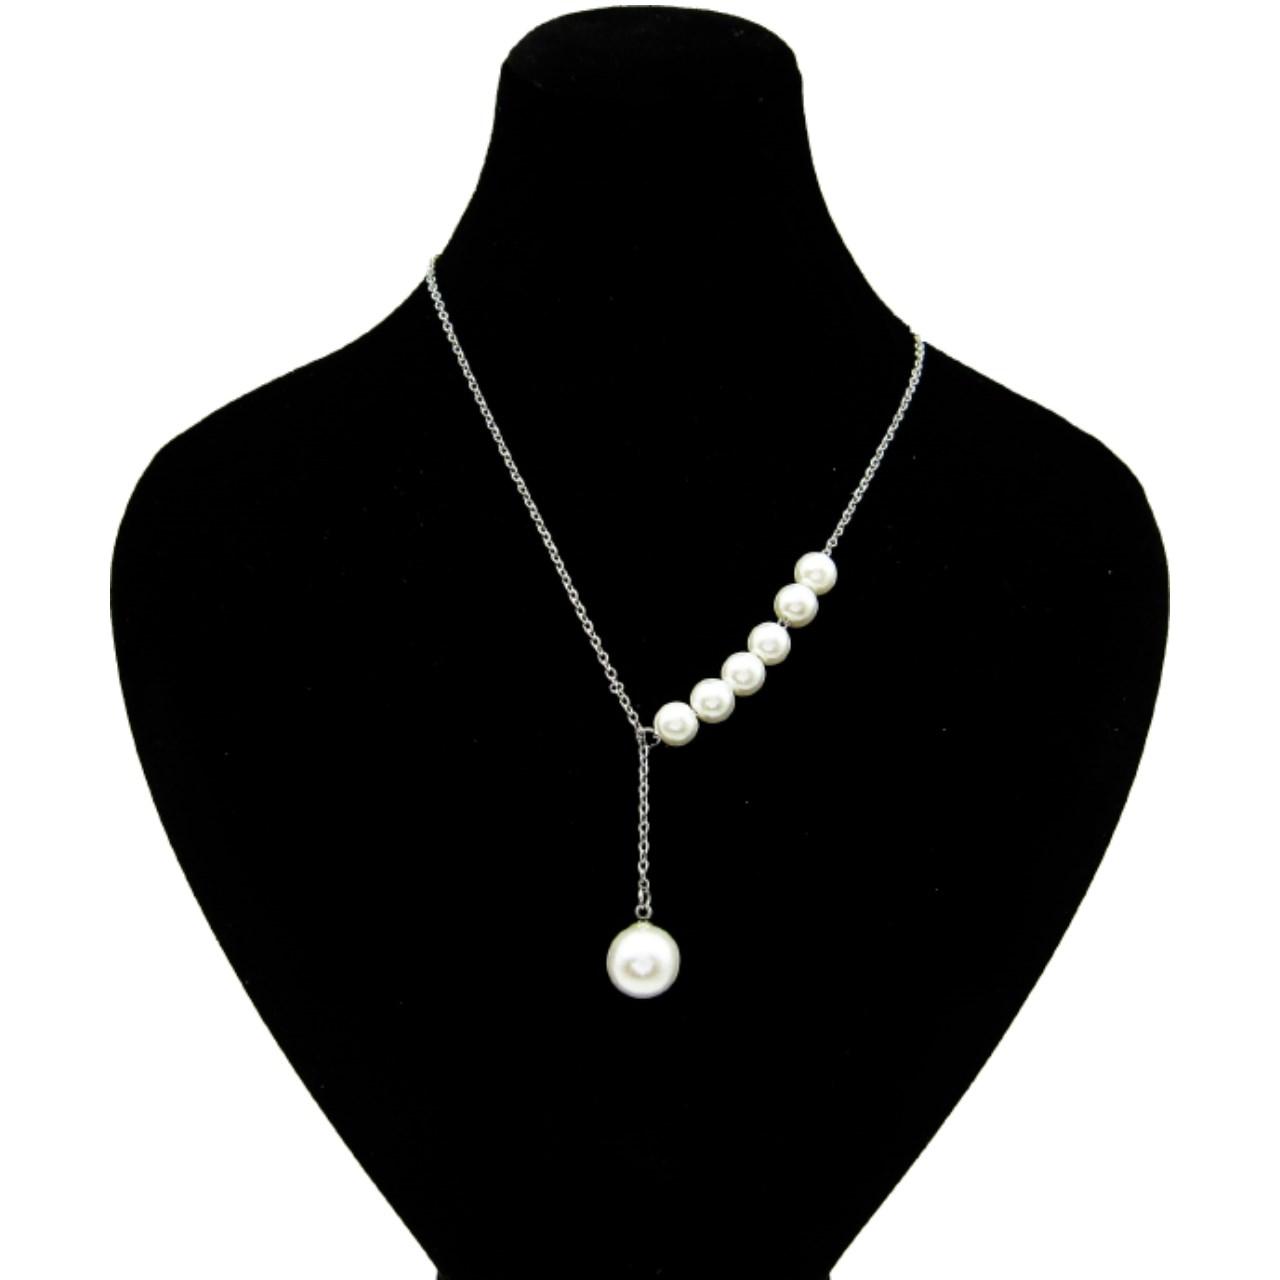 گردنبند زنانه طرح مروارید کد E014